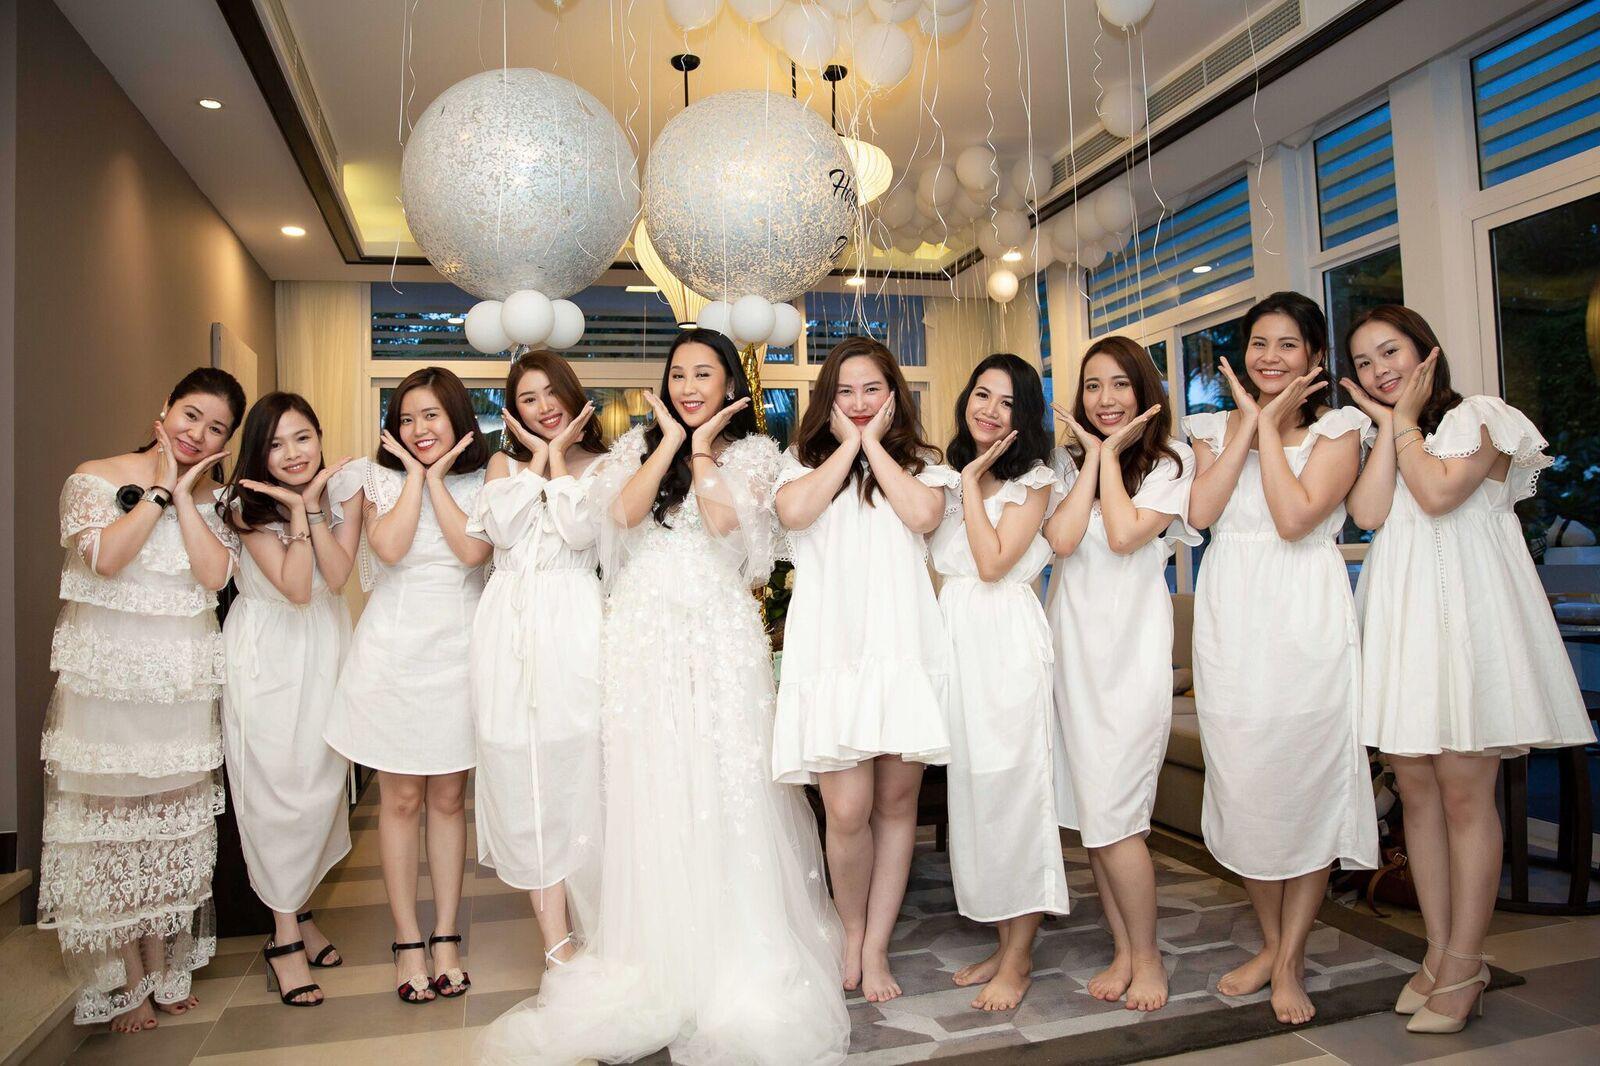 Trước giờ G cử hành hôn lễ, nhà văn Gào chia sẻ những hình ảnh về tiệc chia tay thời độc thân cùng dàn phù dâu xinh đẹp - Ảnh 4.